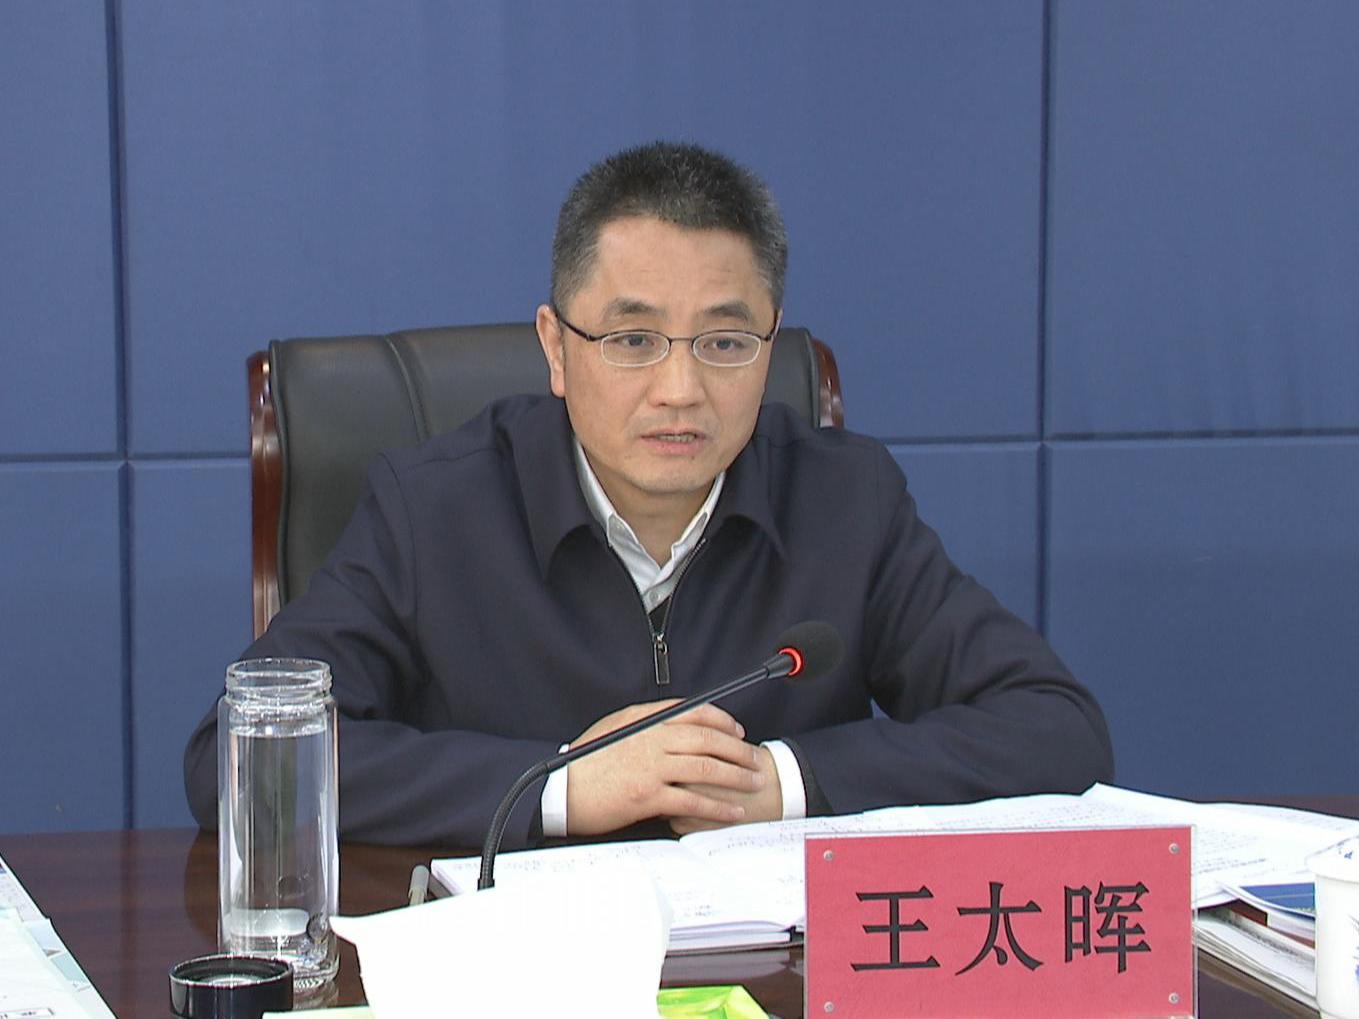 王太晖在城区调研重点城建项目时强调:坚持人民视角高起点谋划  树牢系统观念精细化建设